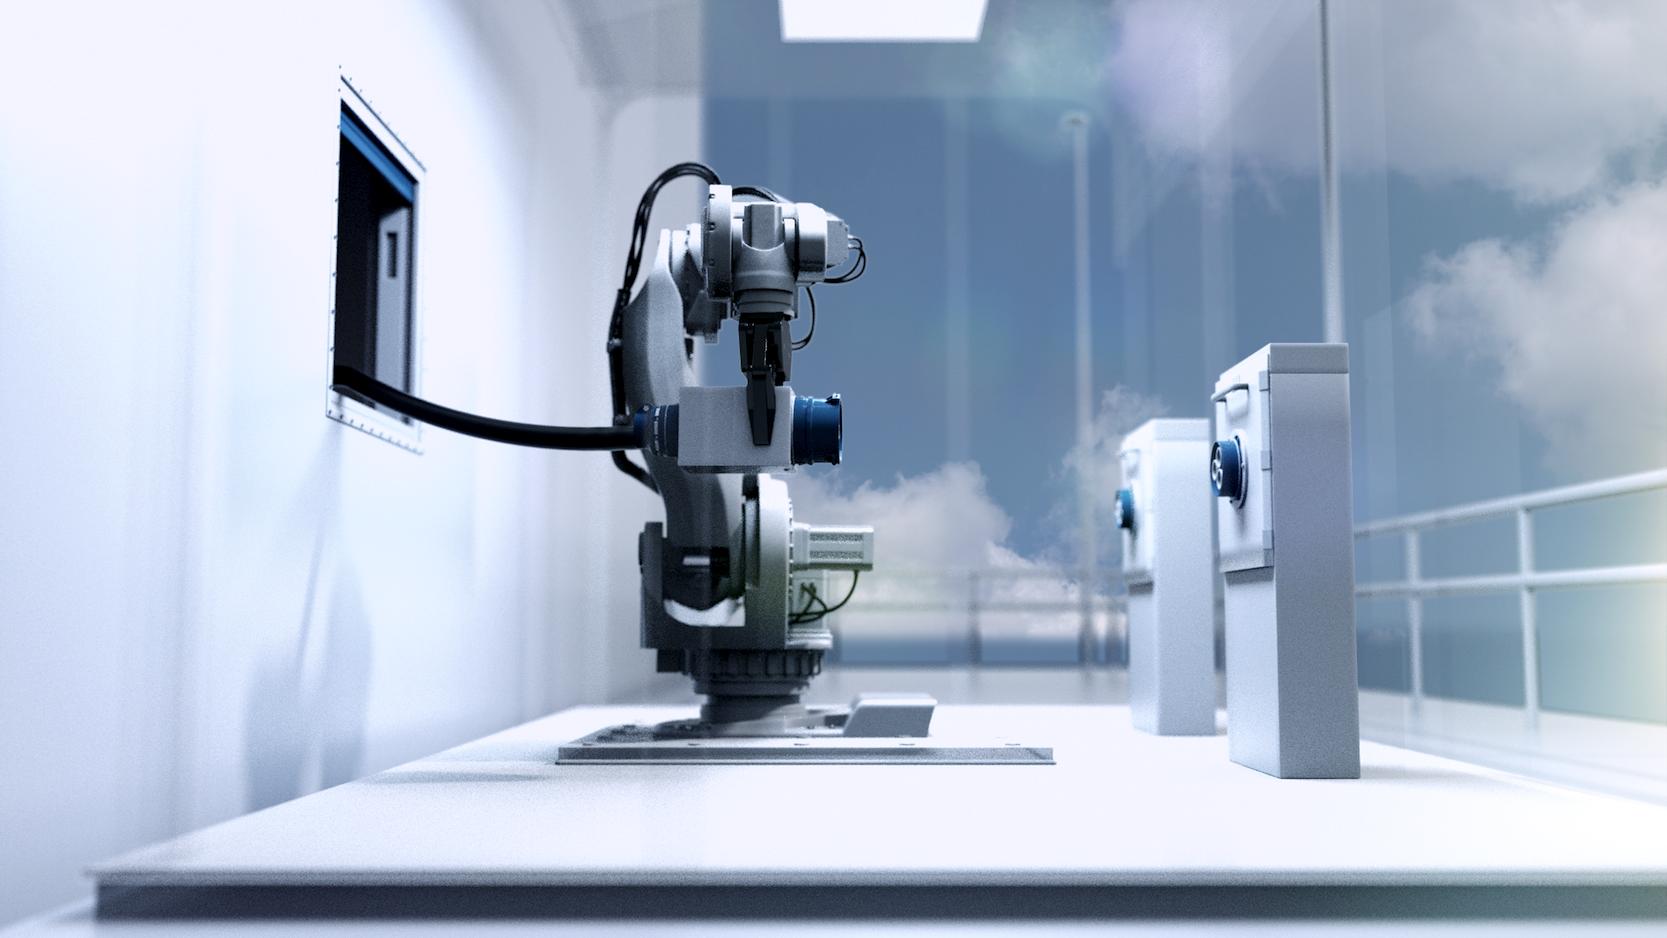 ABB hat einen Roboter entwickelt, der im Hafen das Ladekabel des Schiffes ergreift und mit der Ladestation verbindet. Allerdings funktioniert das System noch nicht fehlerfrei.